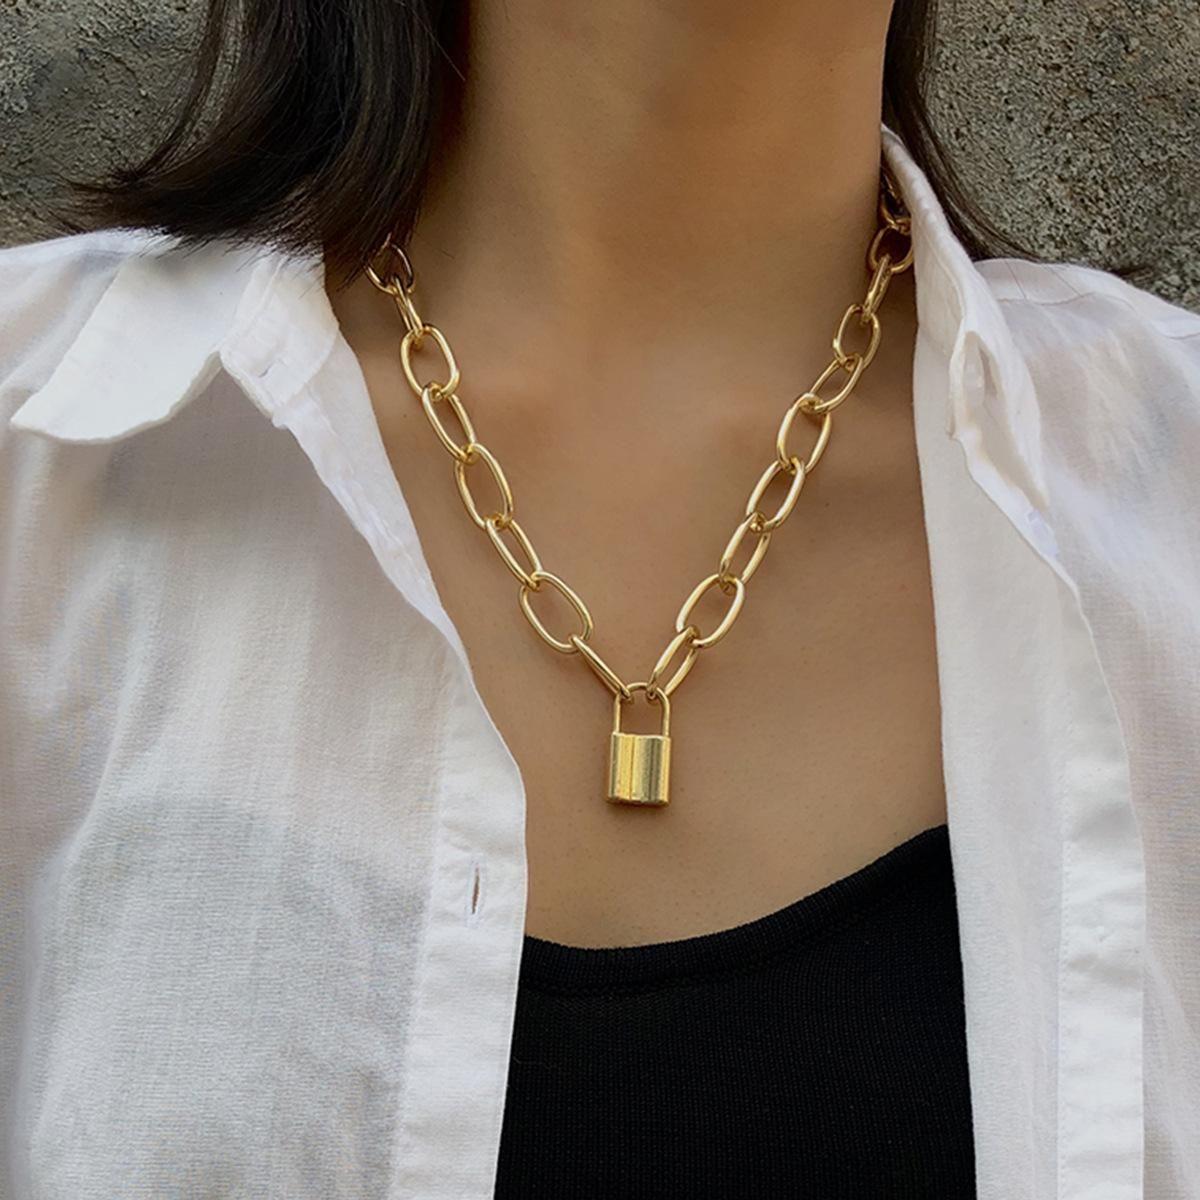 Простой элегантный Стопорные Формованные Подвески Геометрическая Подвеска Ожерелье Мода Замок для женщин ожерелье панк ювелирные подарки